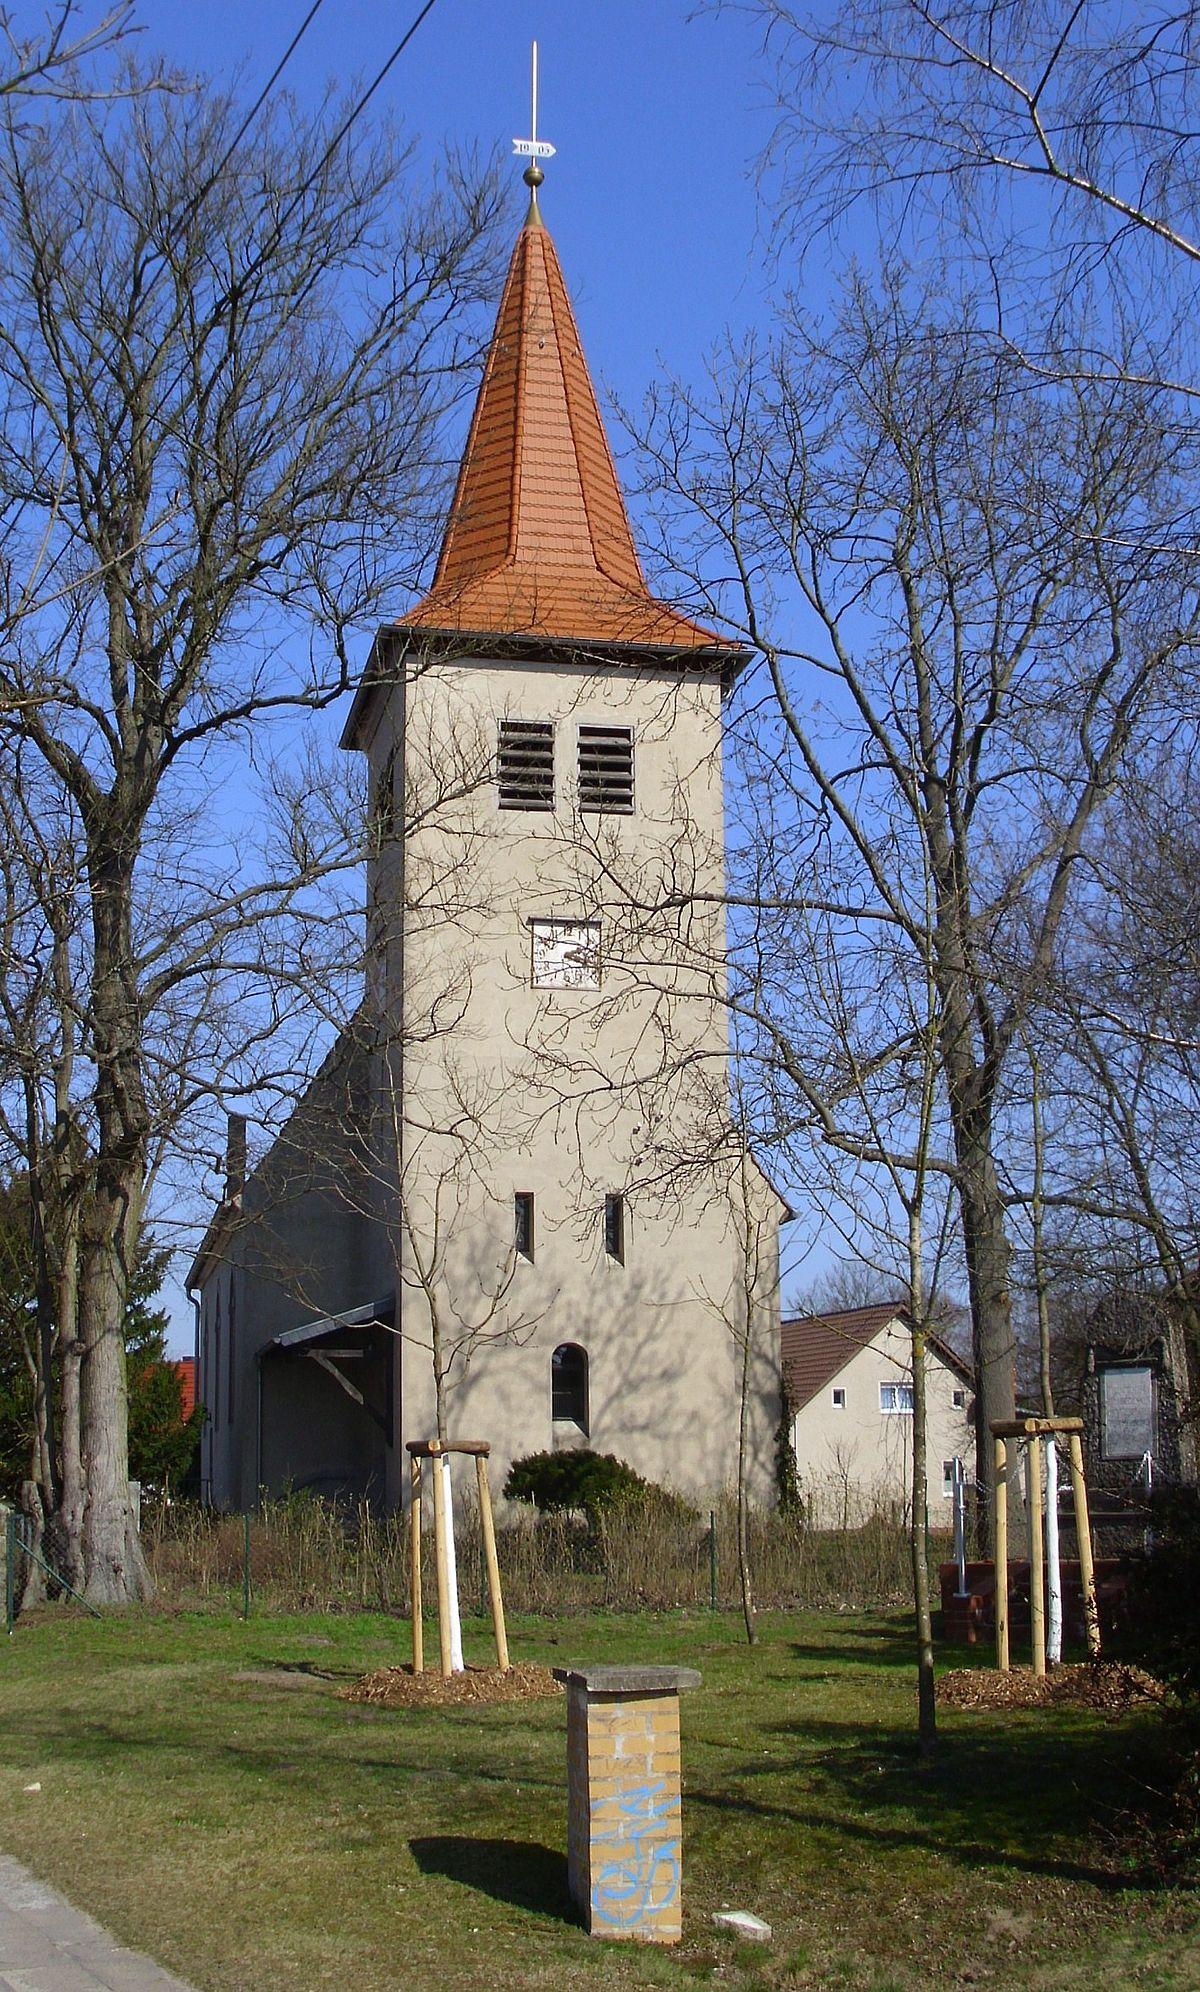 Zühlsdorf